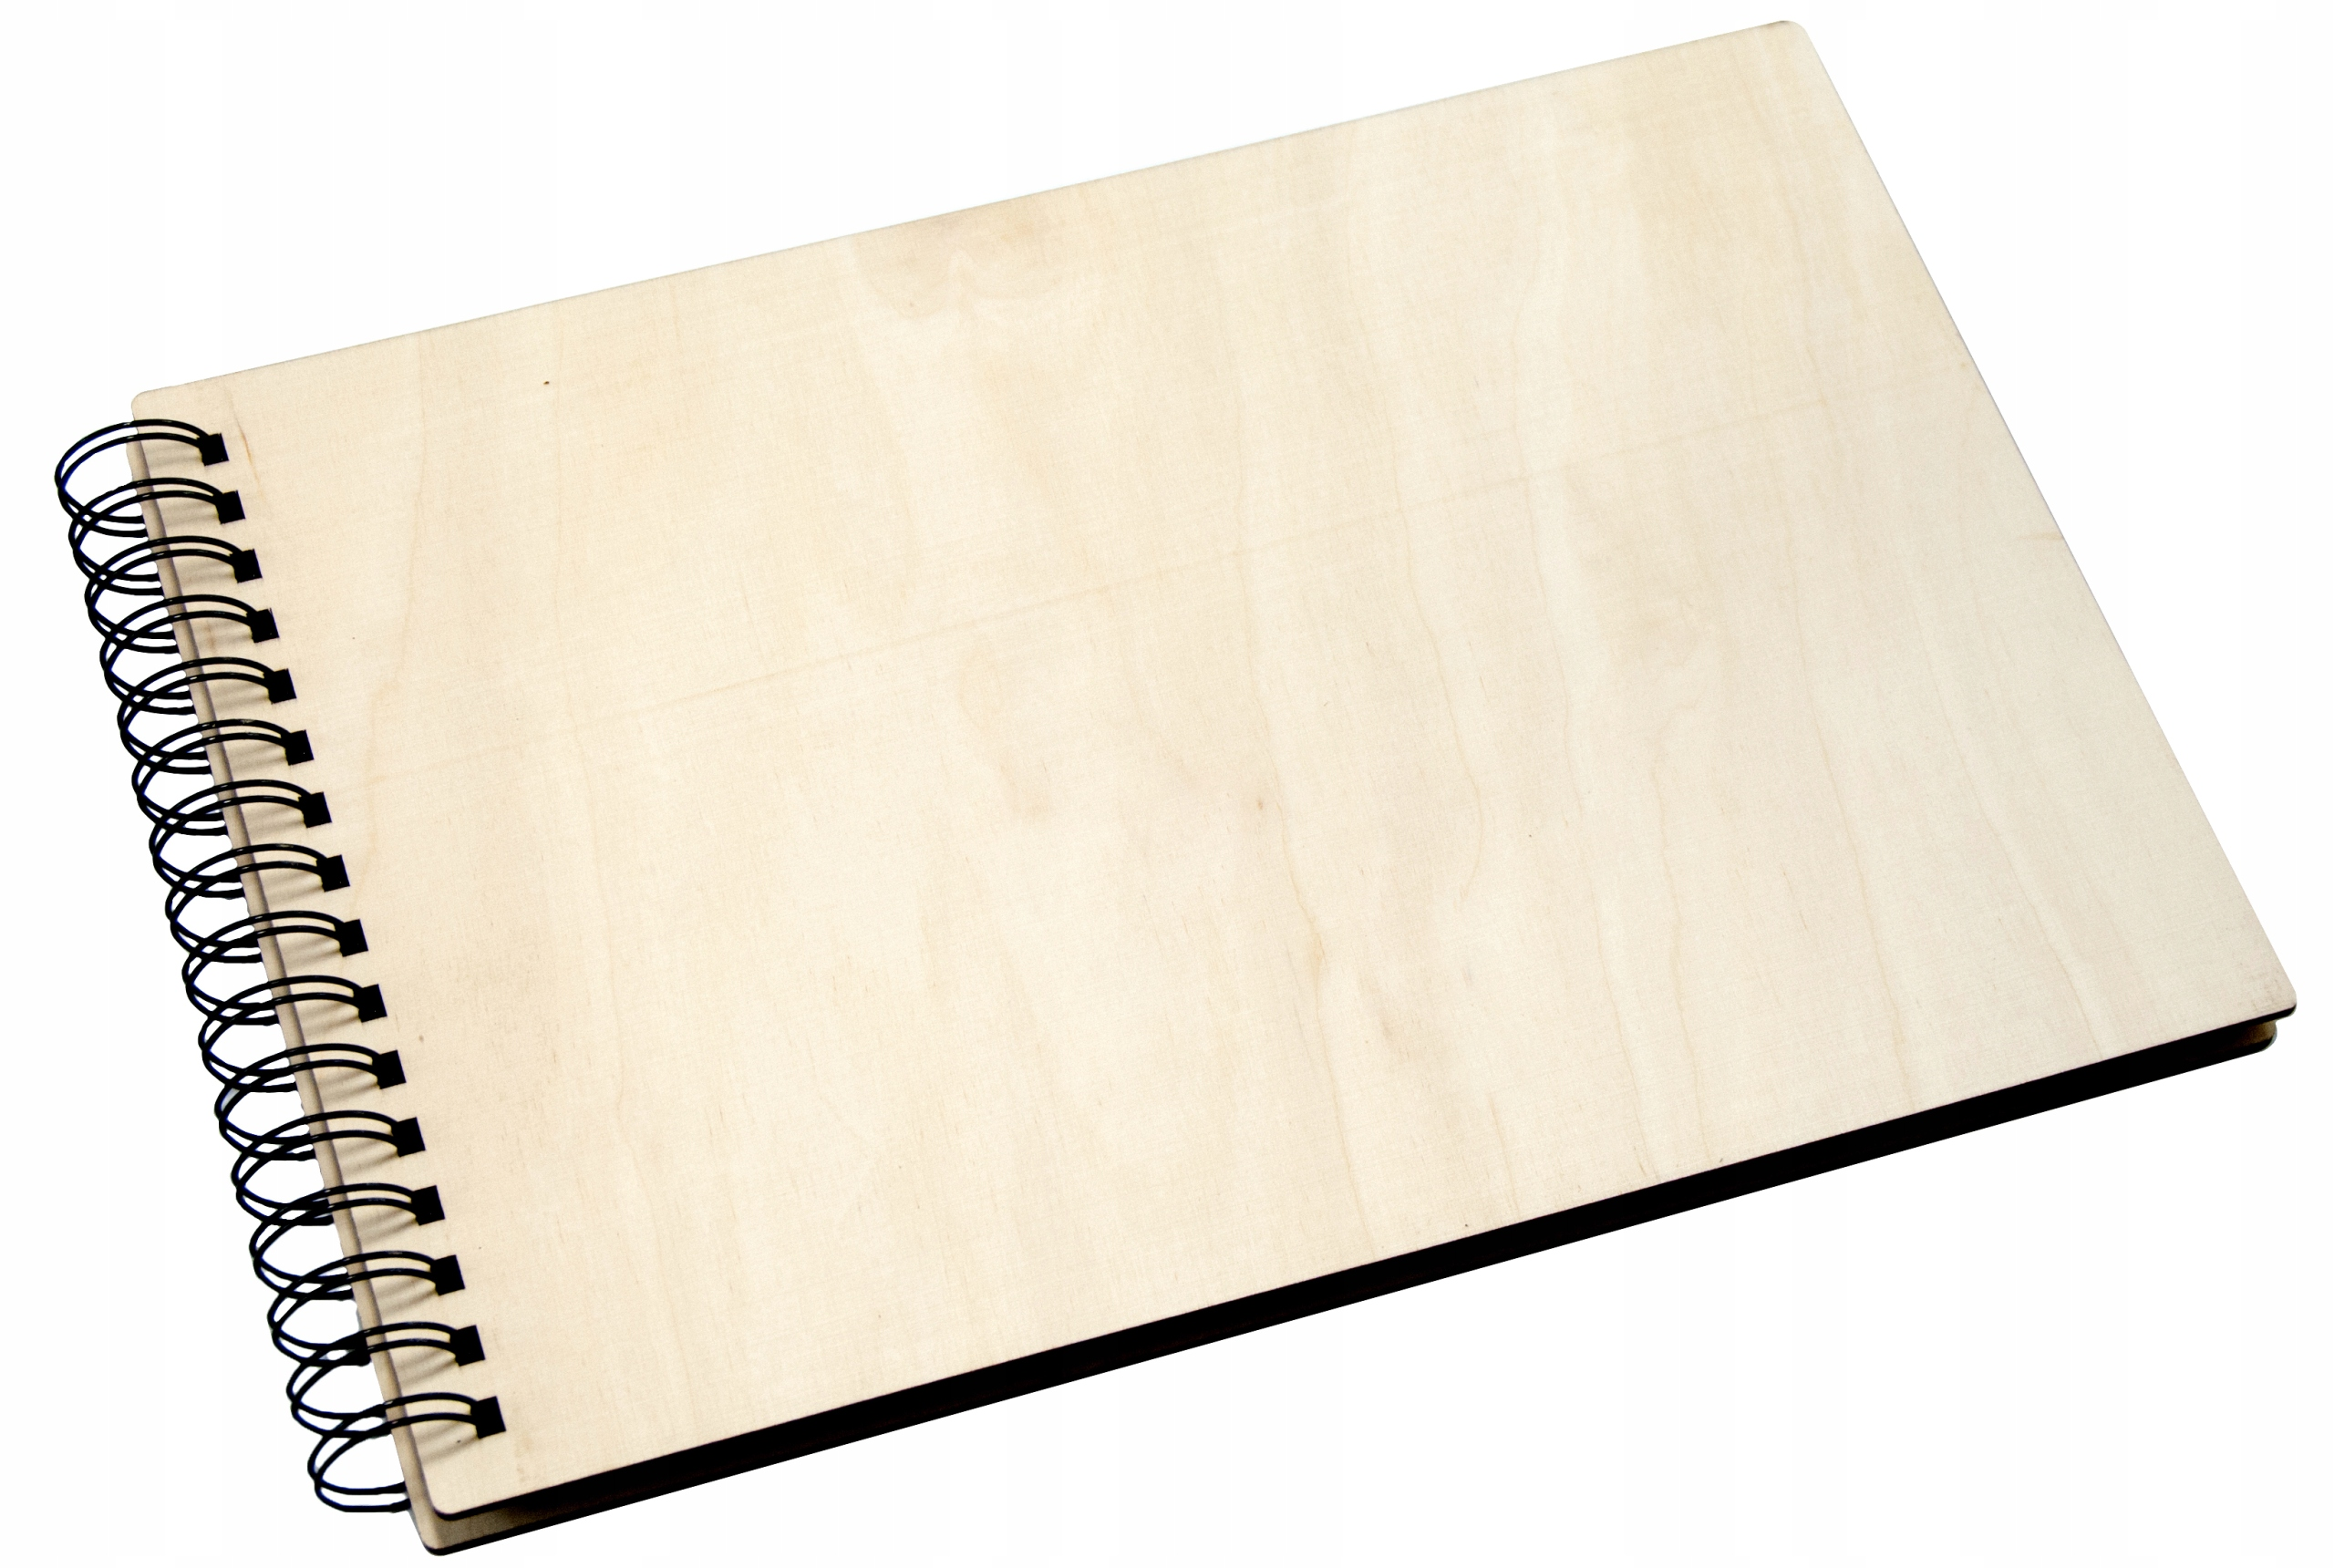 Drewniany Album Na Zdjecia Wklejane A4 Poziomy 7491146261 Allegro Pl